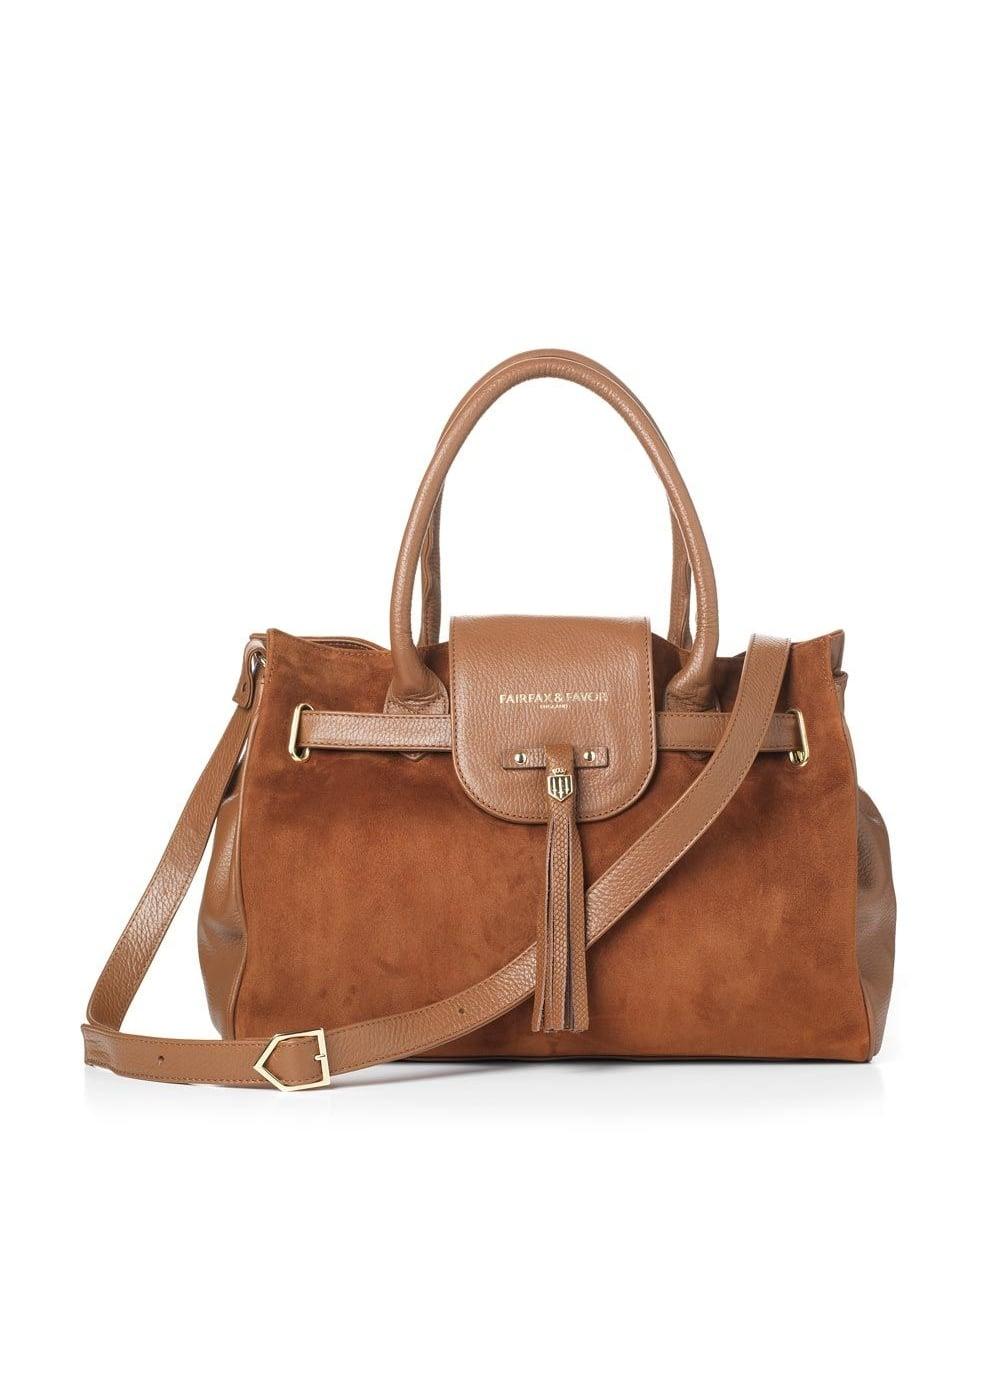 Fairfax and Favor Windsor Bag